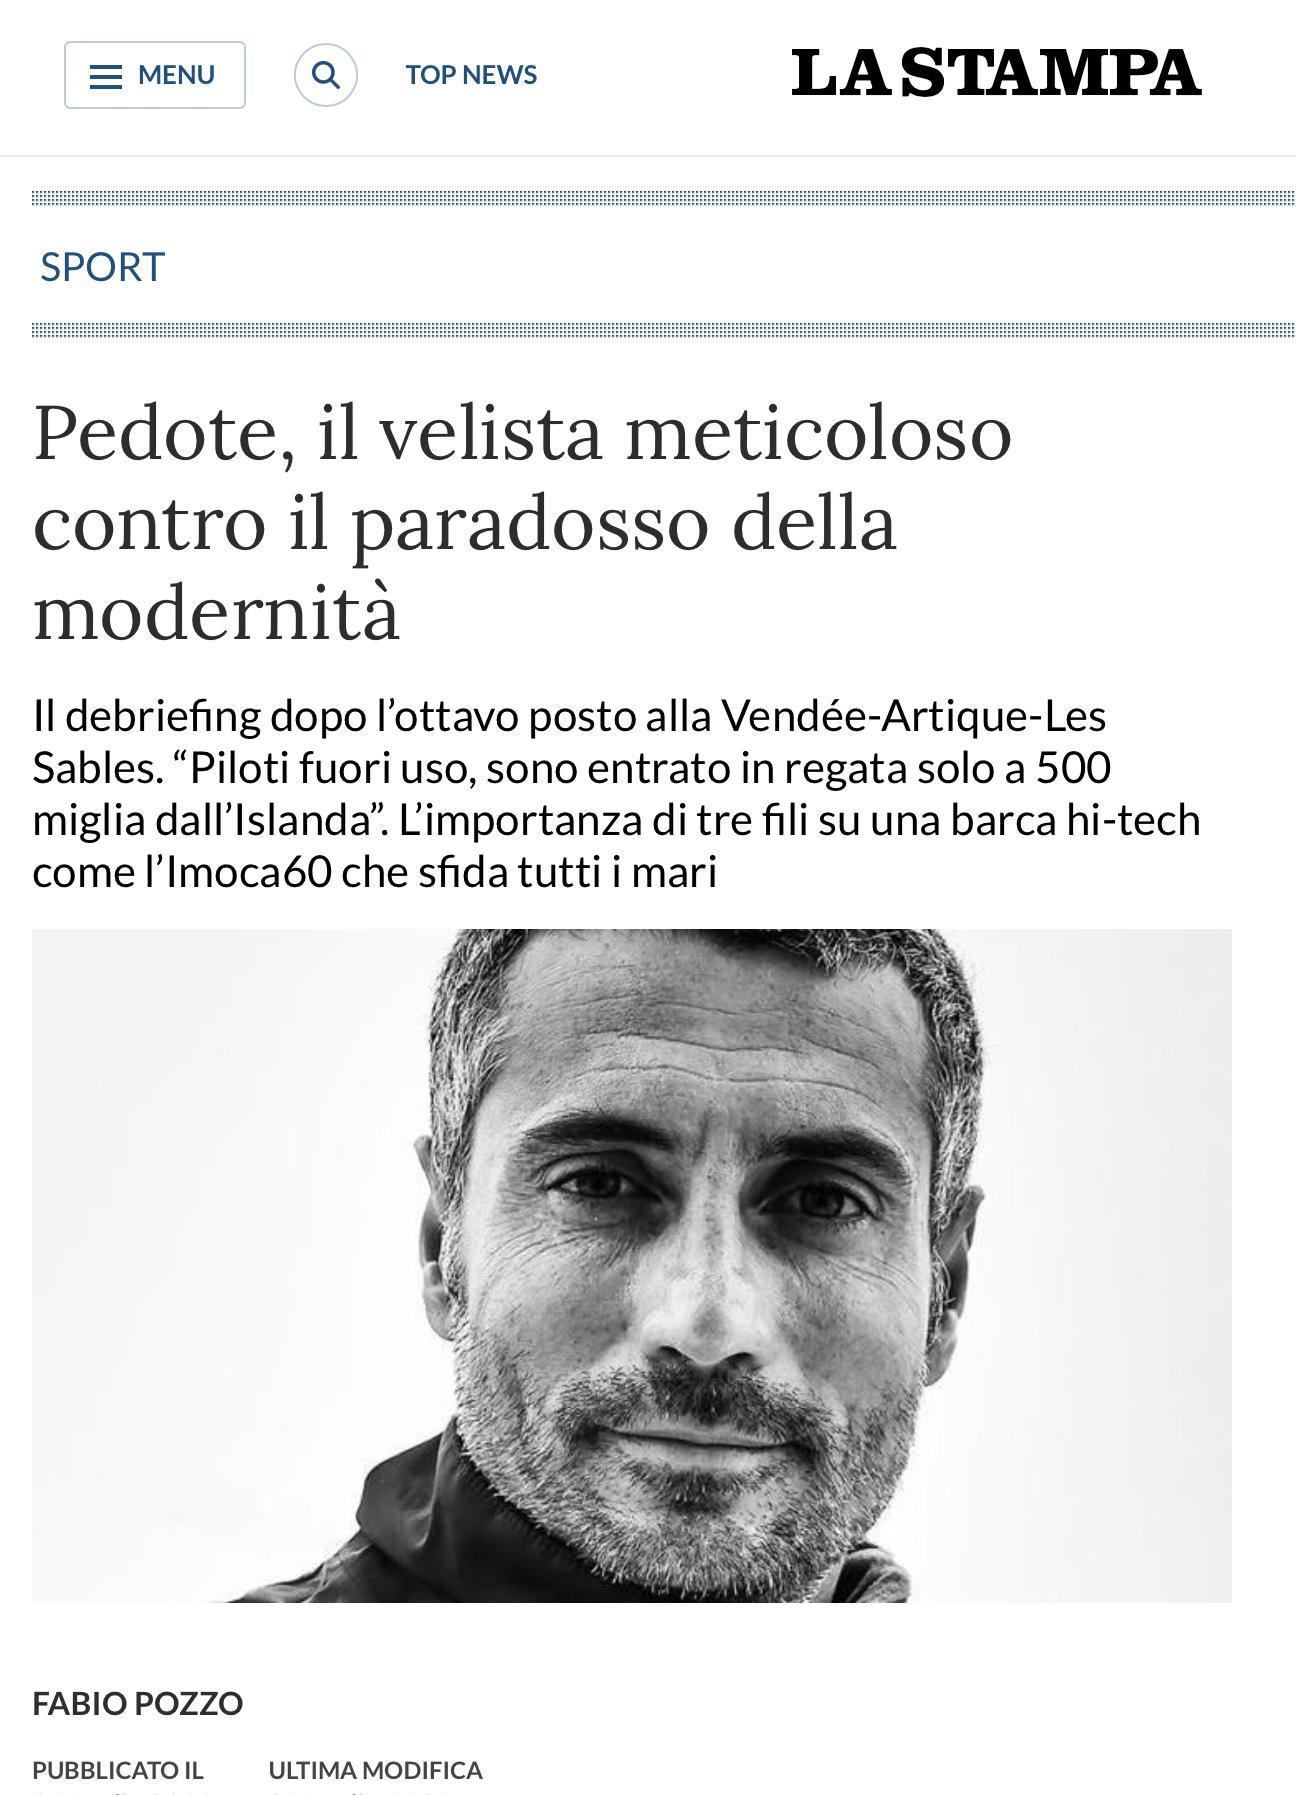 La Stampa - Intervista di Fabio Pozzo